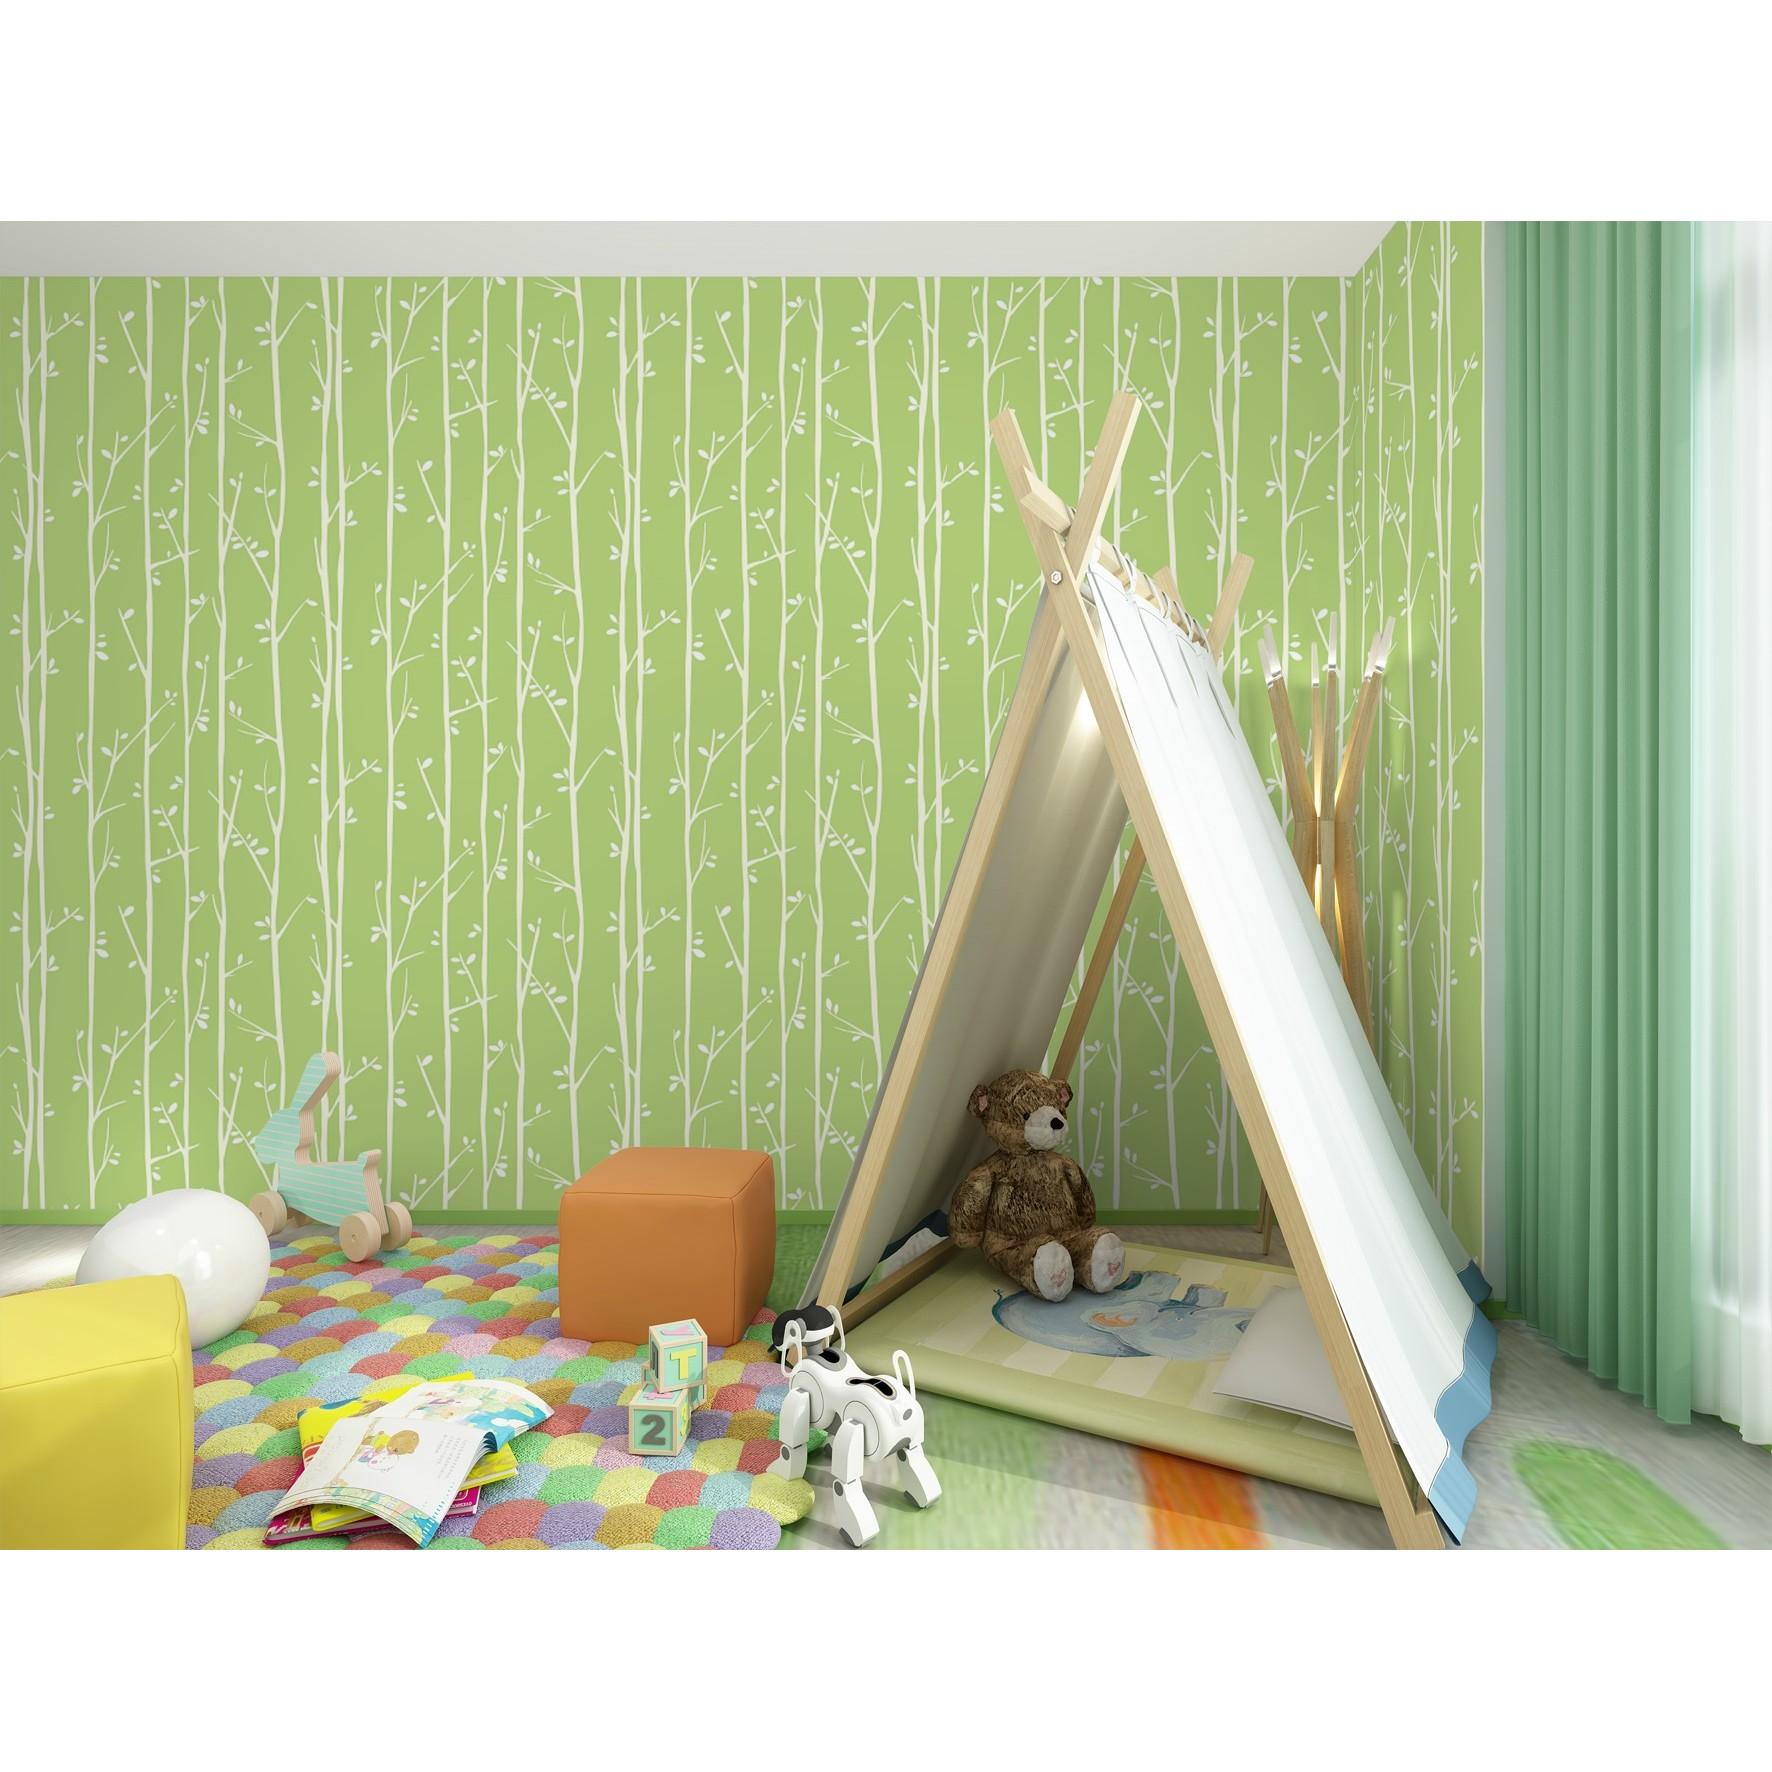 Papel de Parede 53cm x 10m PVC Sublimado Kids 6128 - Jolie